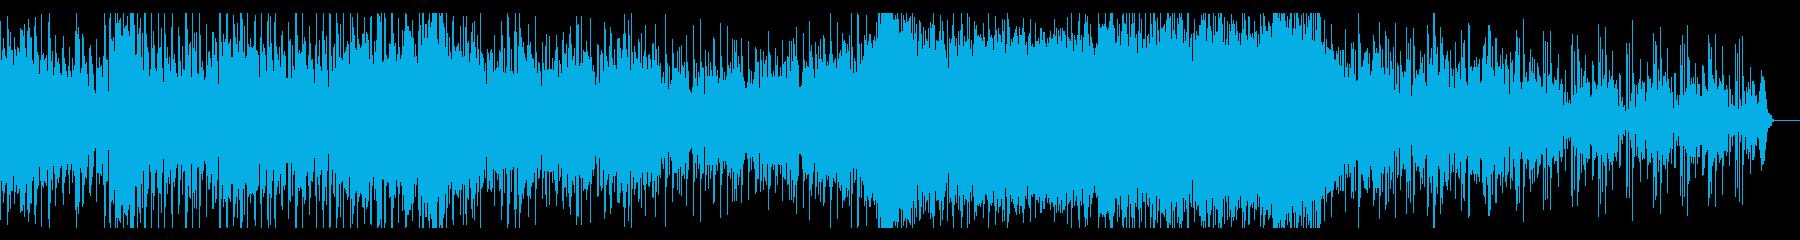 重低音うなるムービートレーラーの再生済みの波形